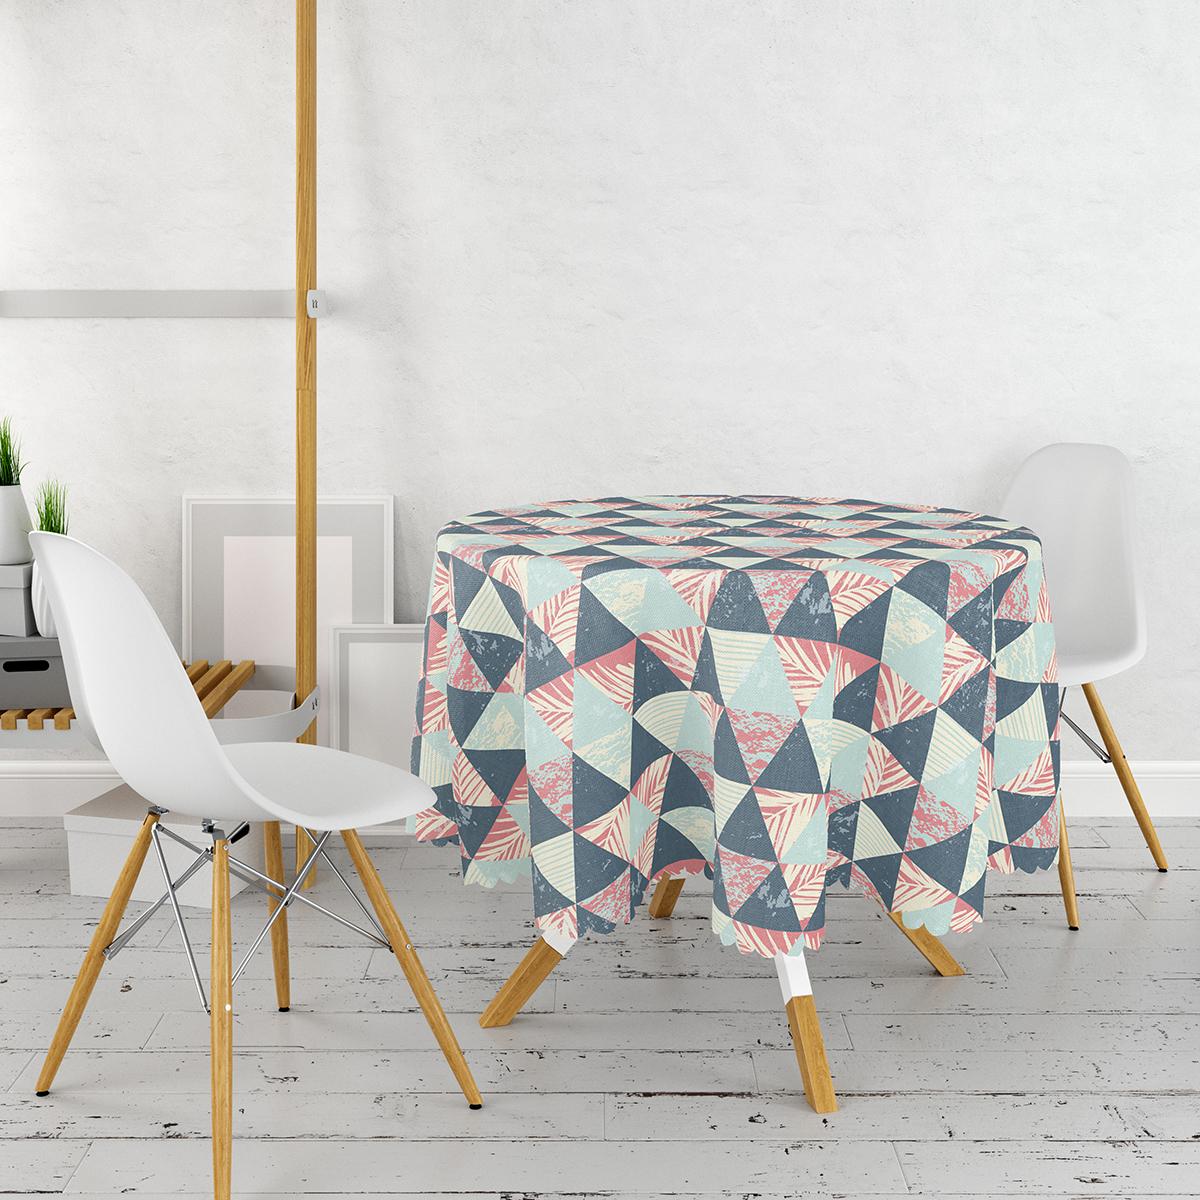 Renkli Zemin Üzerinde Üçgen Desenli Dijital Baskılı Modern Yuvarlak Masa Örtüsü - Çap 140cm Realhomes